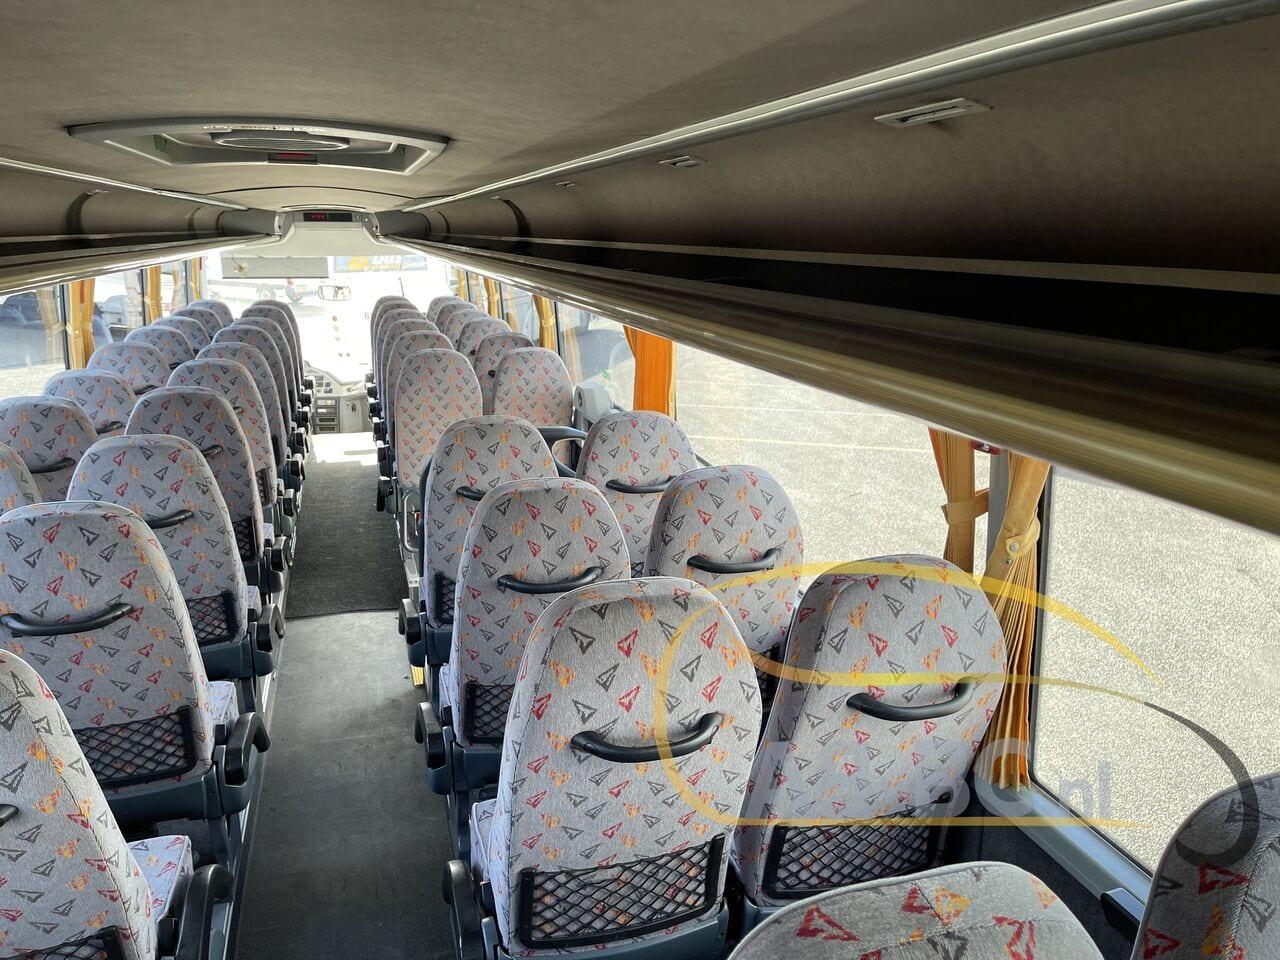 coach-busTEMSA-Safari-RD-53-Seats-DAF-Motor-12-mtr---1616166808541059080_big_b9e470c9c8d110bda349d16e4f0019cc--21031917053743807500